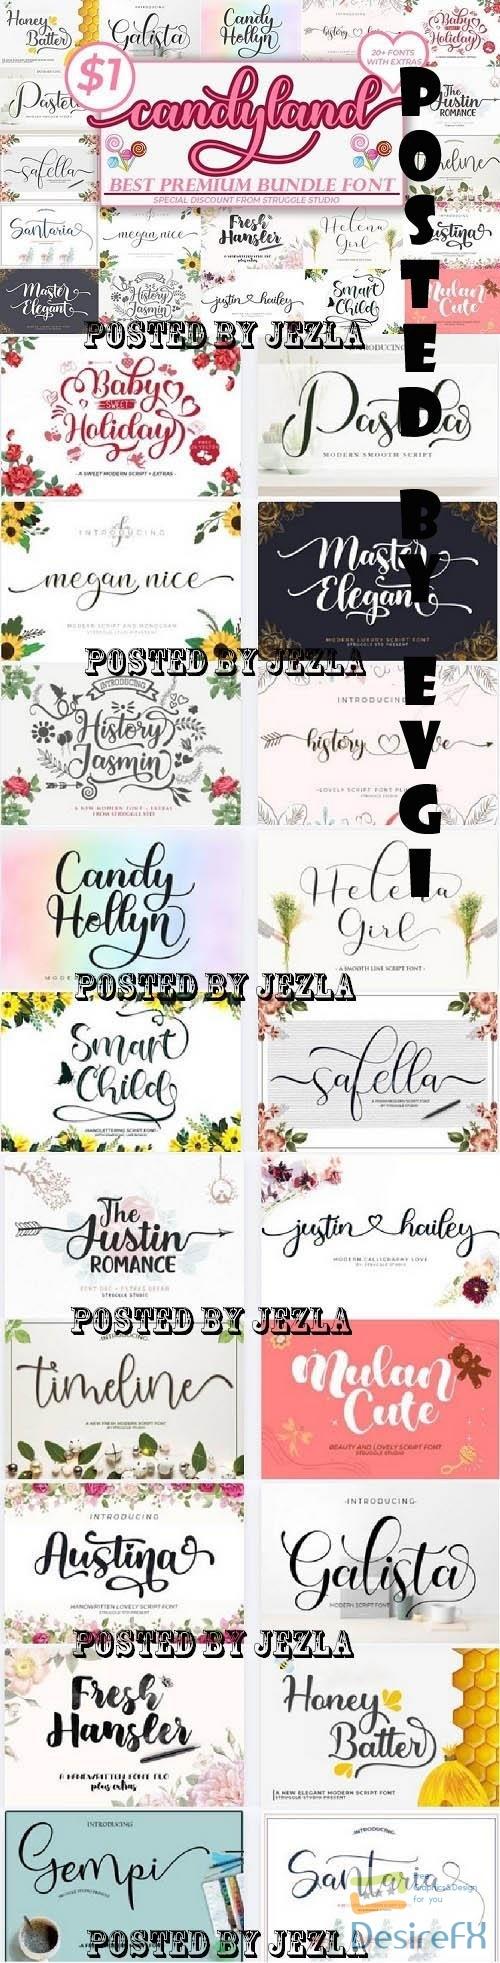 Candyland - The Best Premium Font Bundle - 20 Premium Fonts